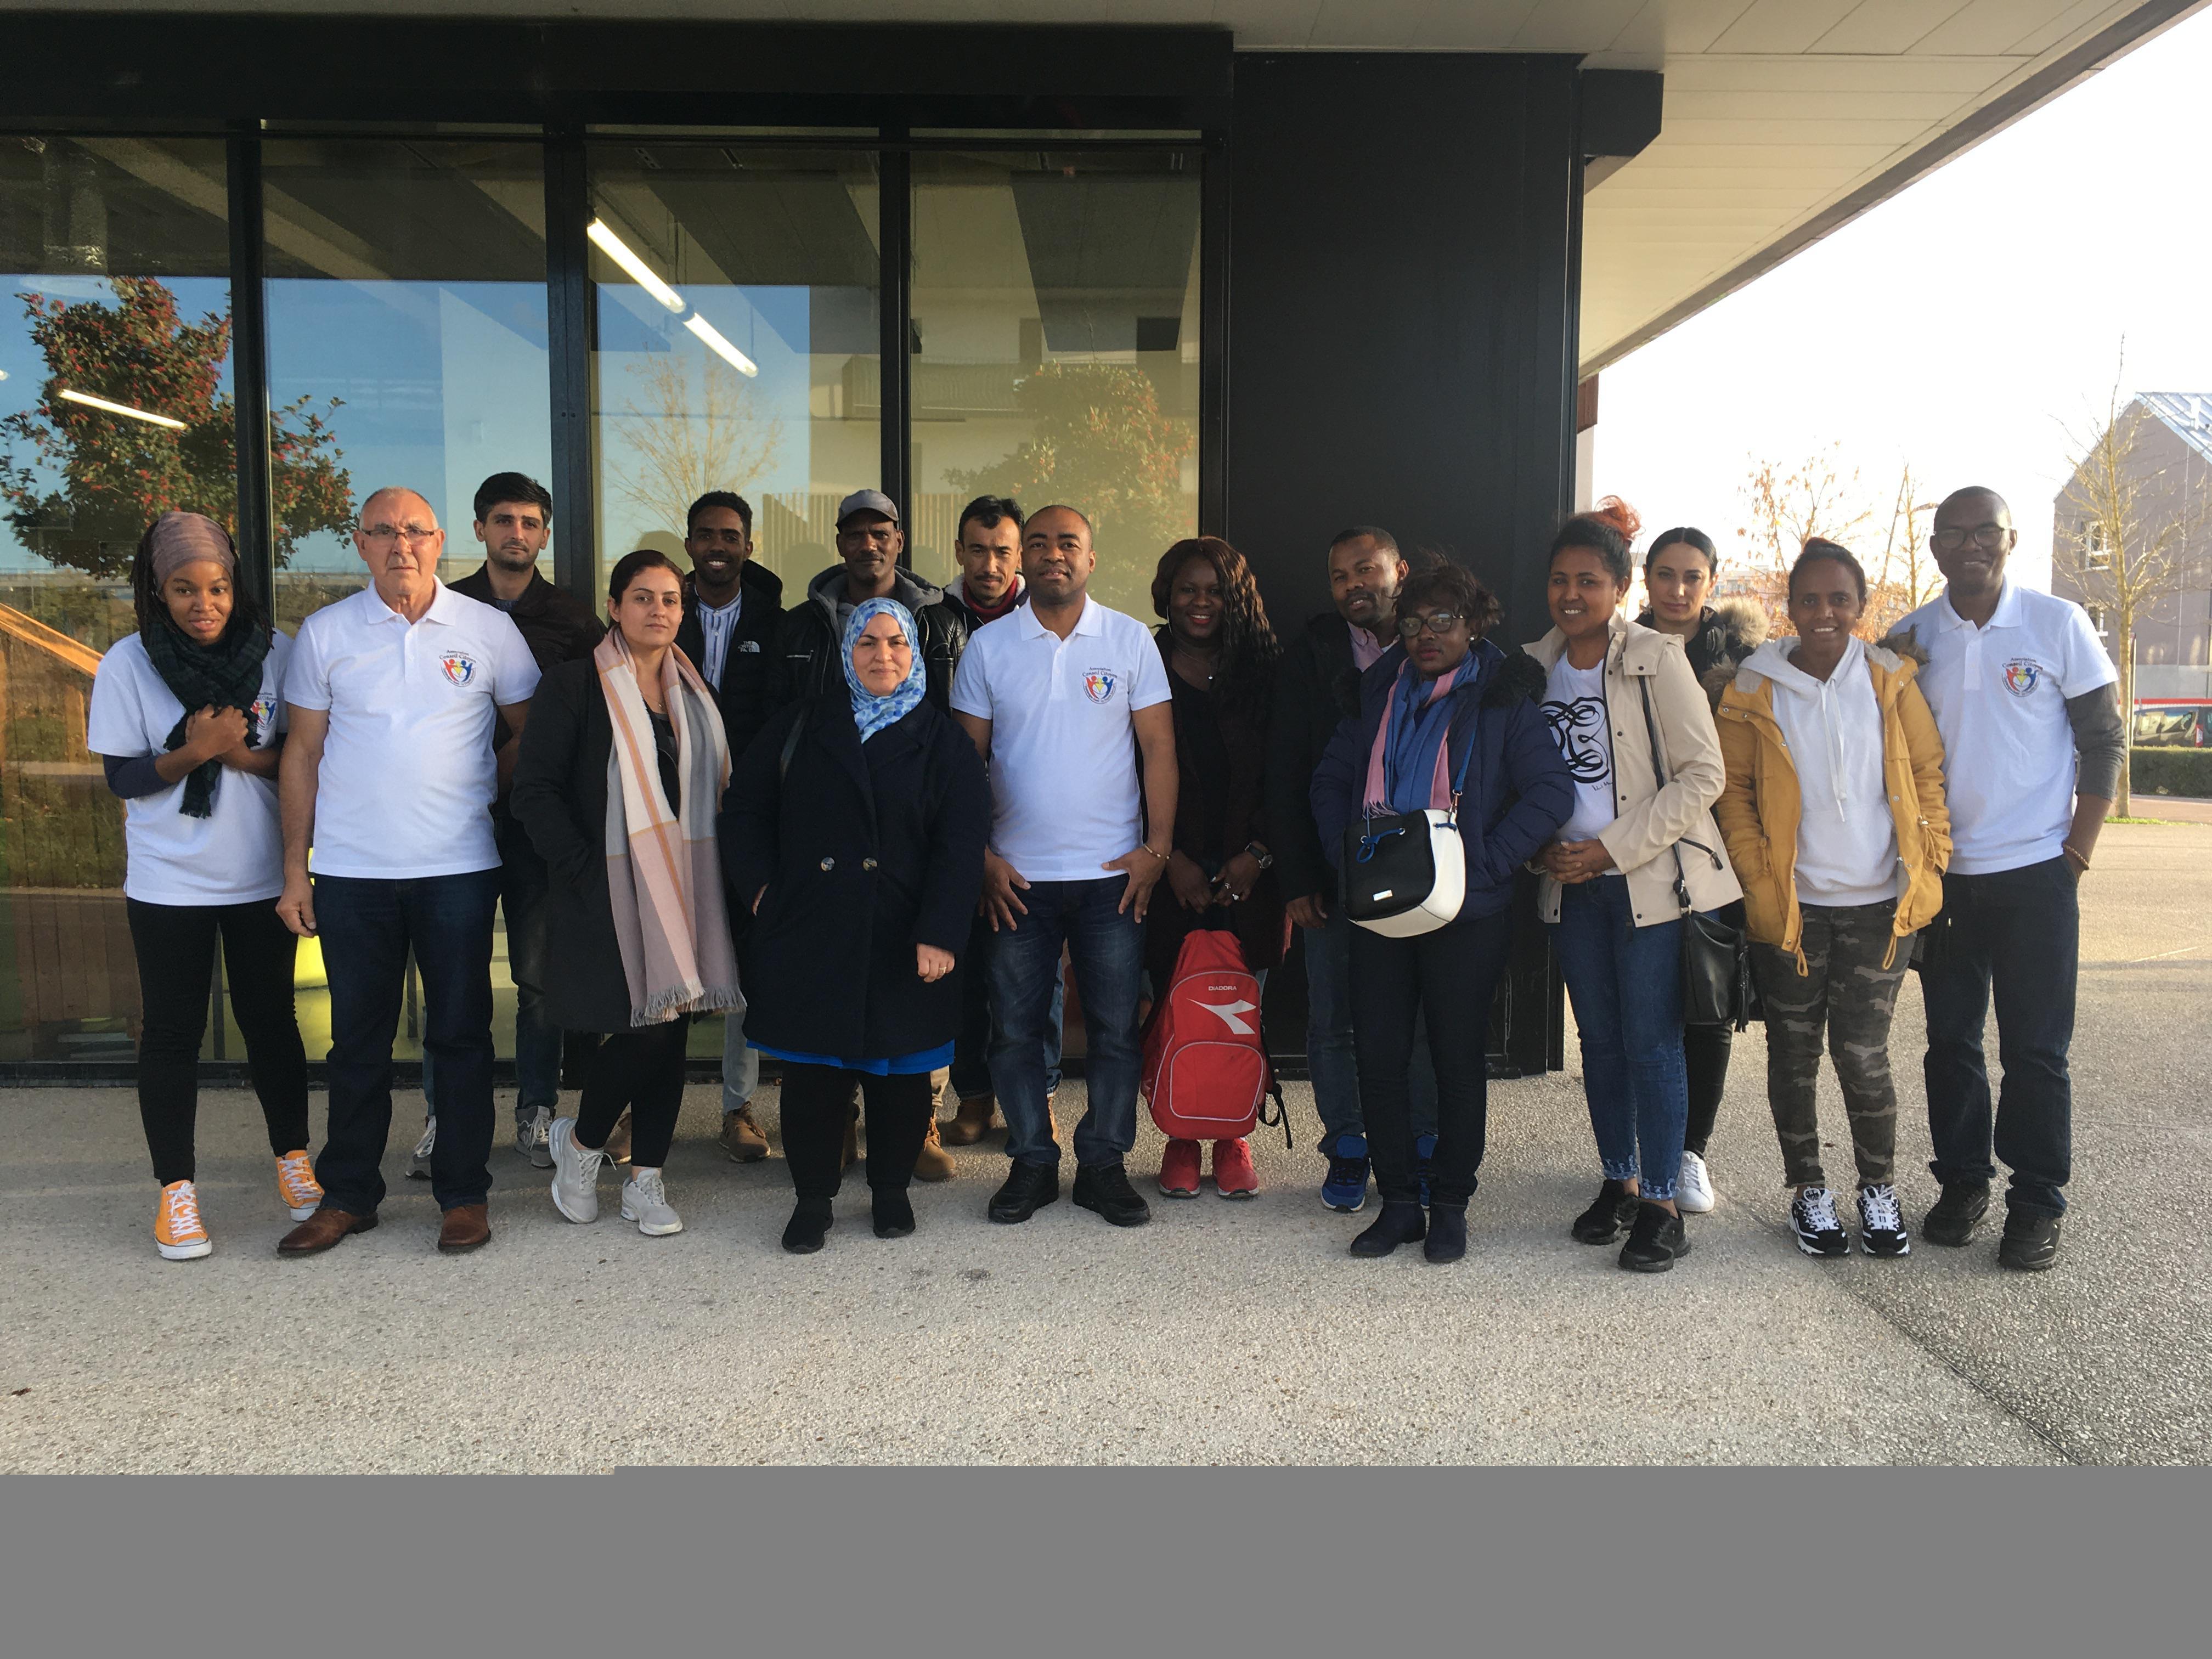 Rencontre des stagiaires de Yschools le 7/11/2019